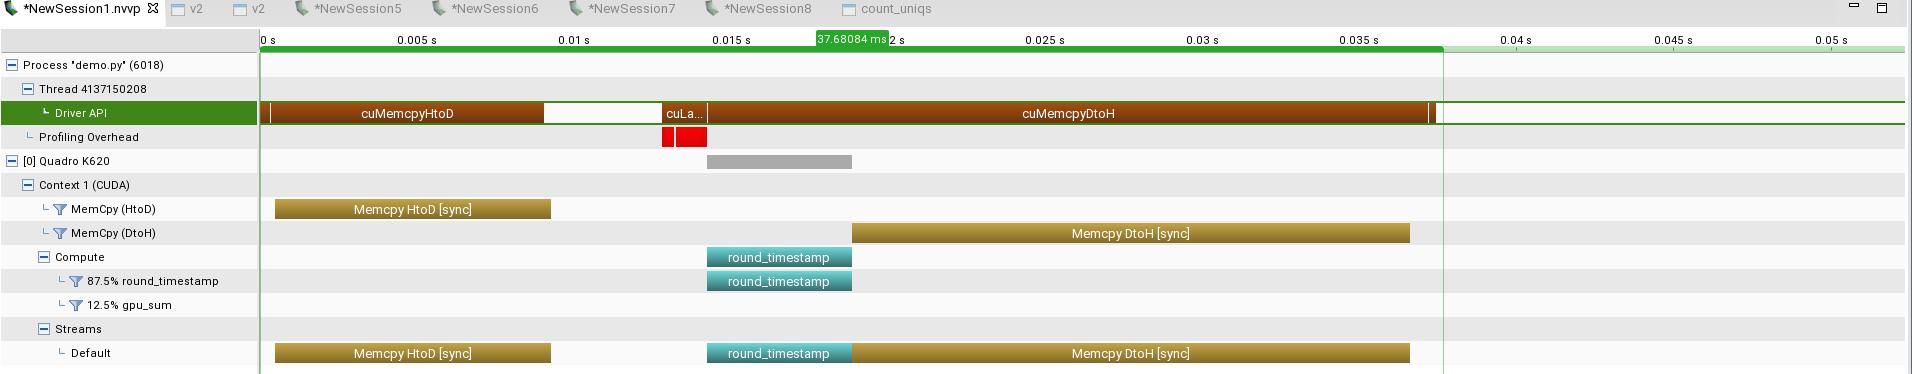 Profiler timeline for round_timestamps